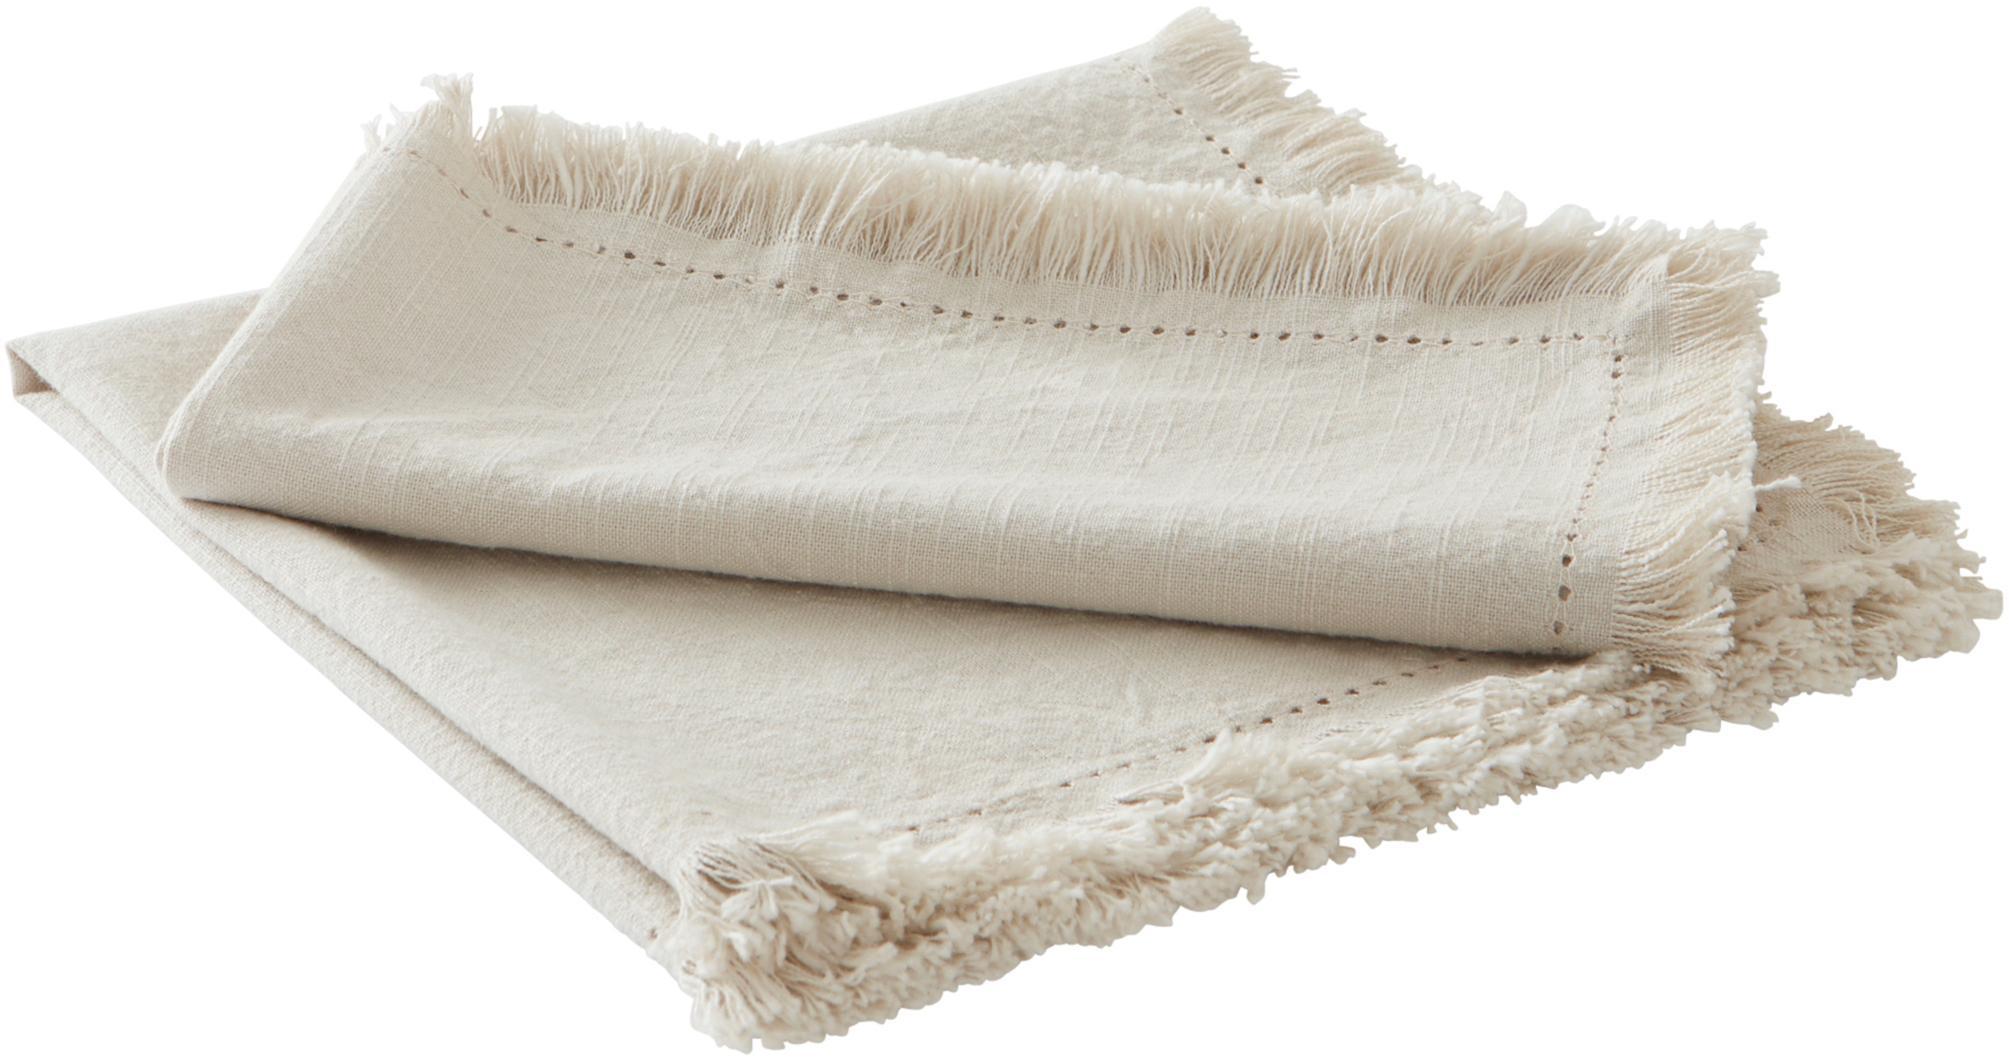 Katoenen servetten Hilma met franjes, 2 stuks, 100% katoen, Beige, 45 x 45 cm